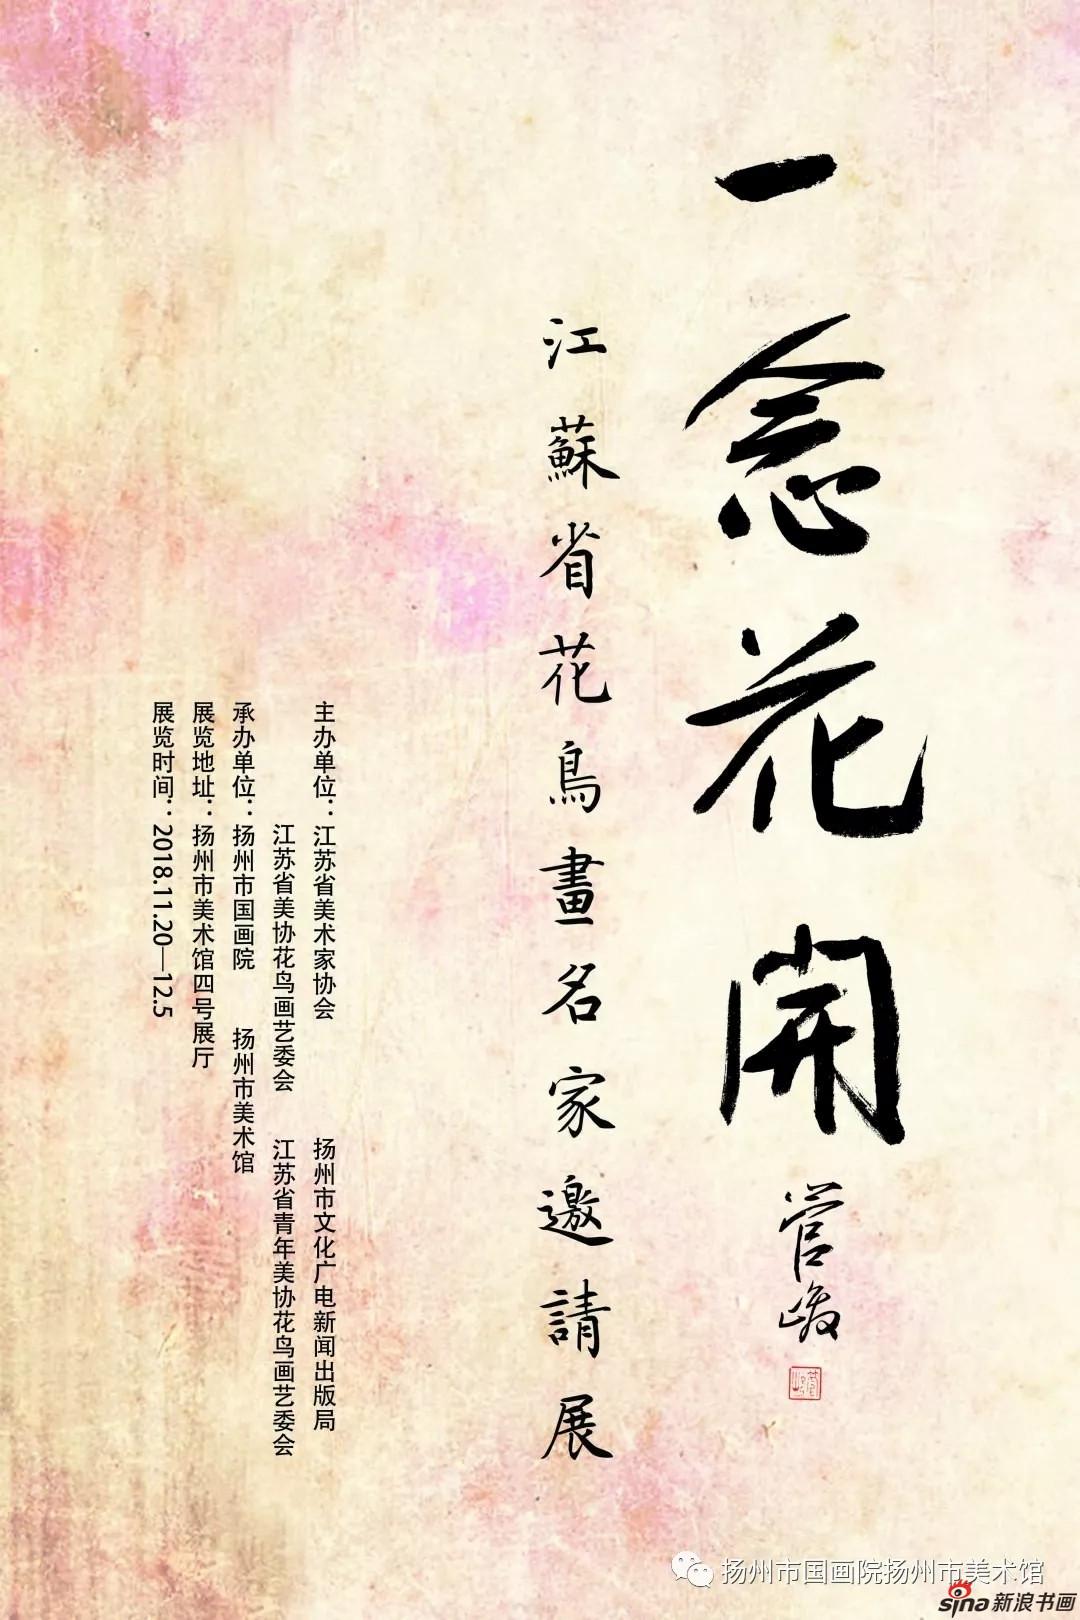 最新大奖娱乐官网下载展讯|一念花开——江苏省花鸟画名家邀请展